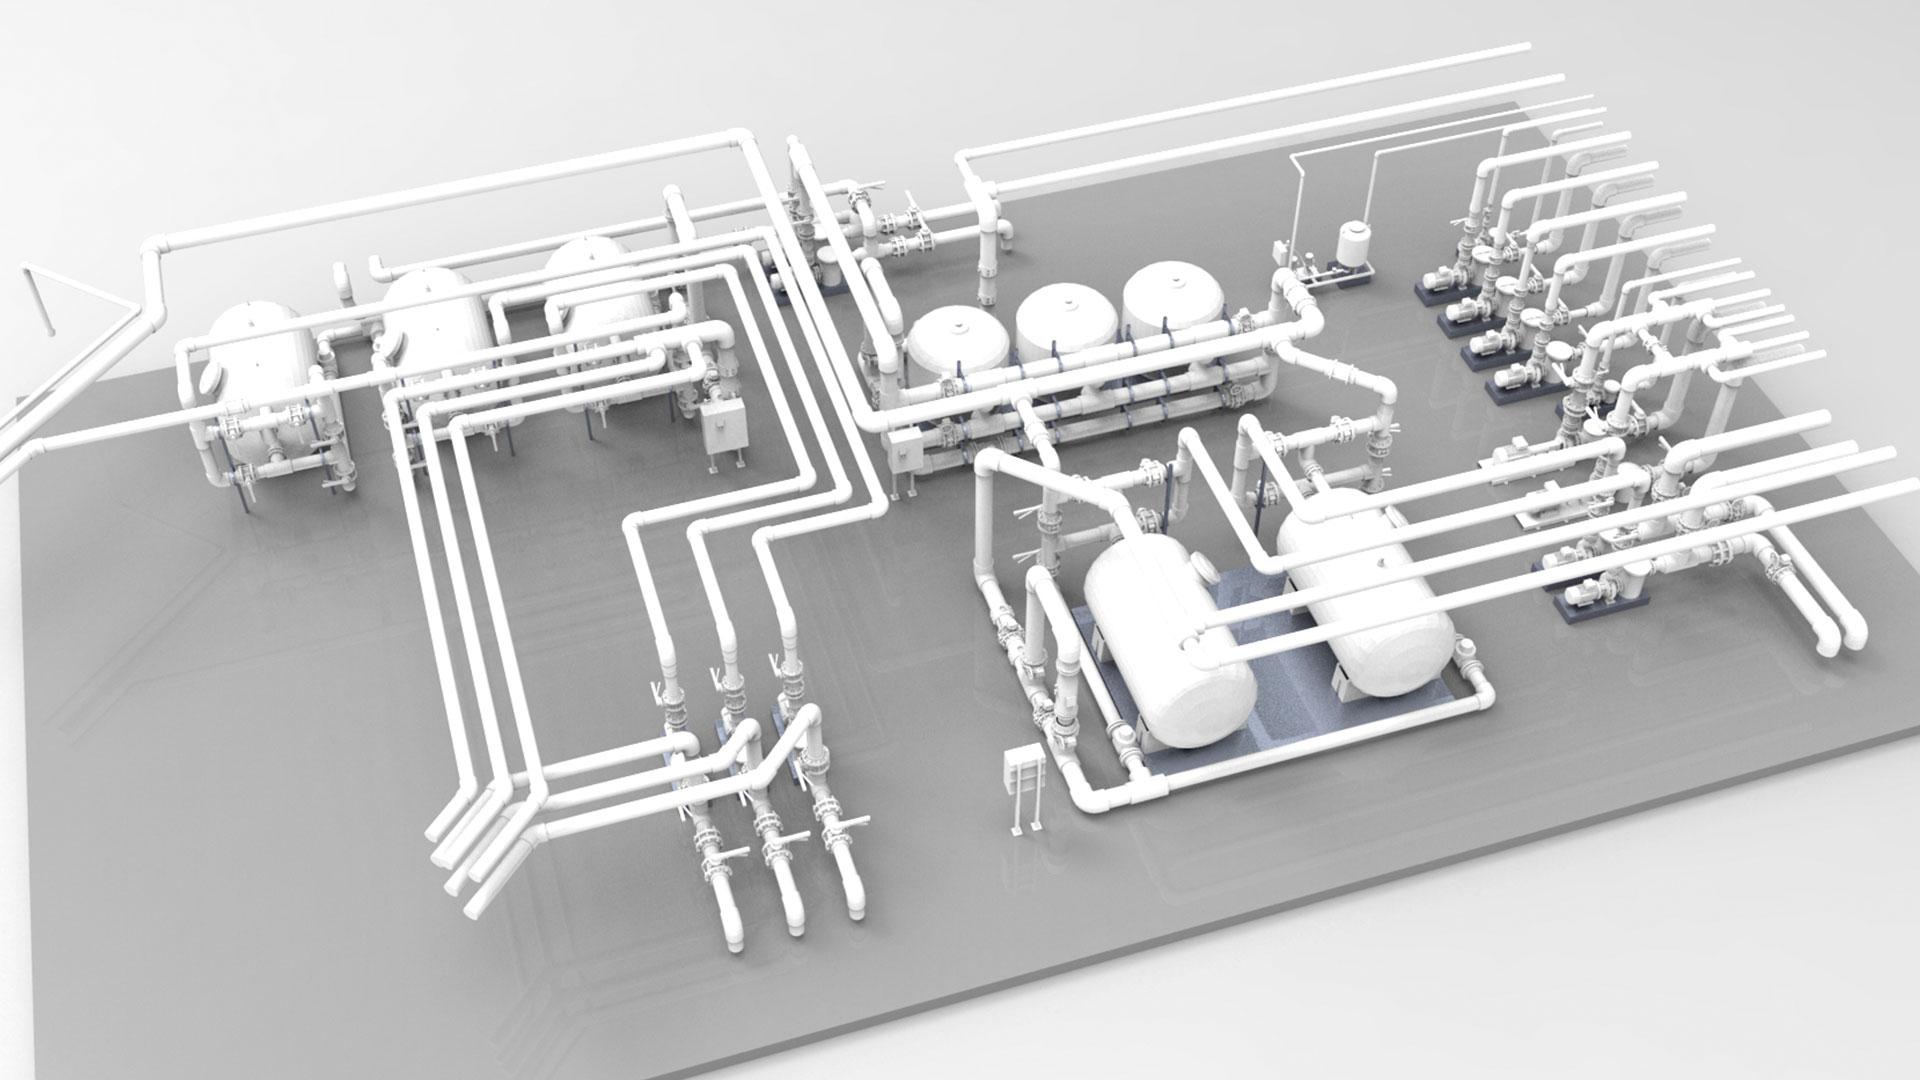 Ingeniería diseño proyecto de ocio